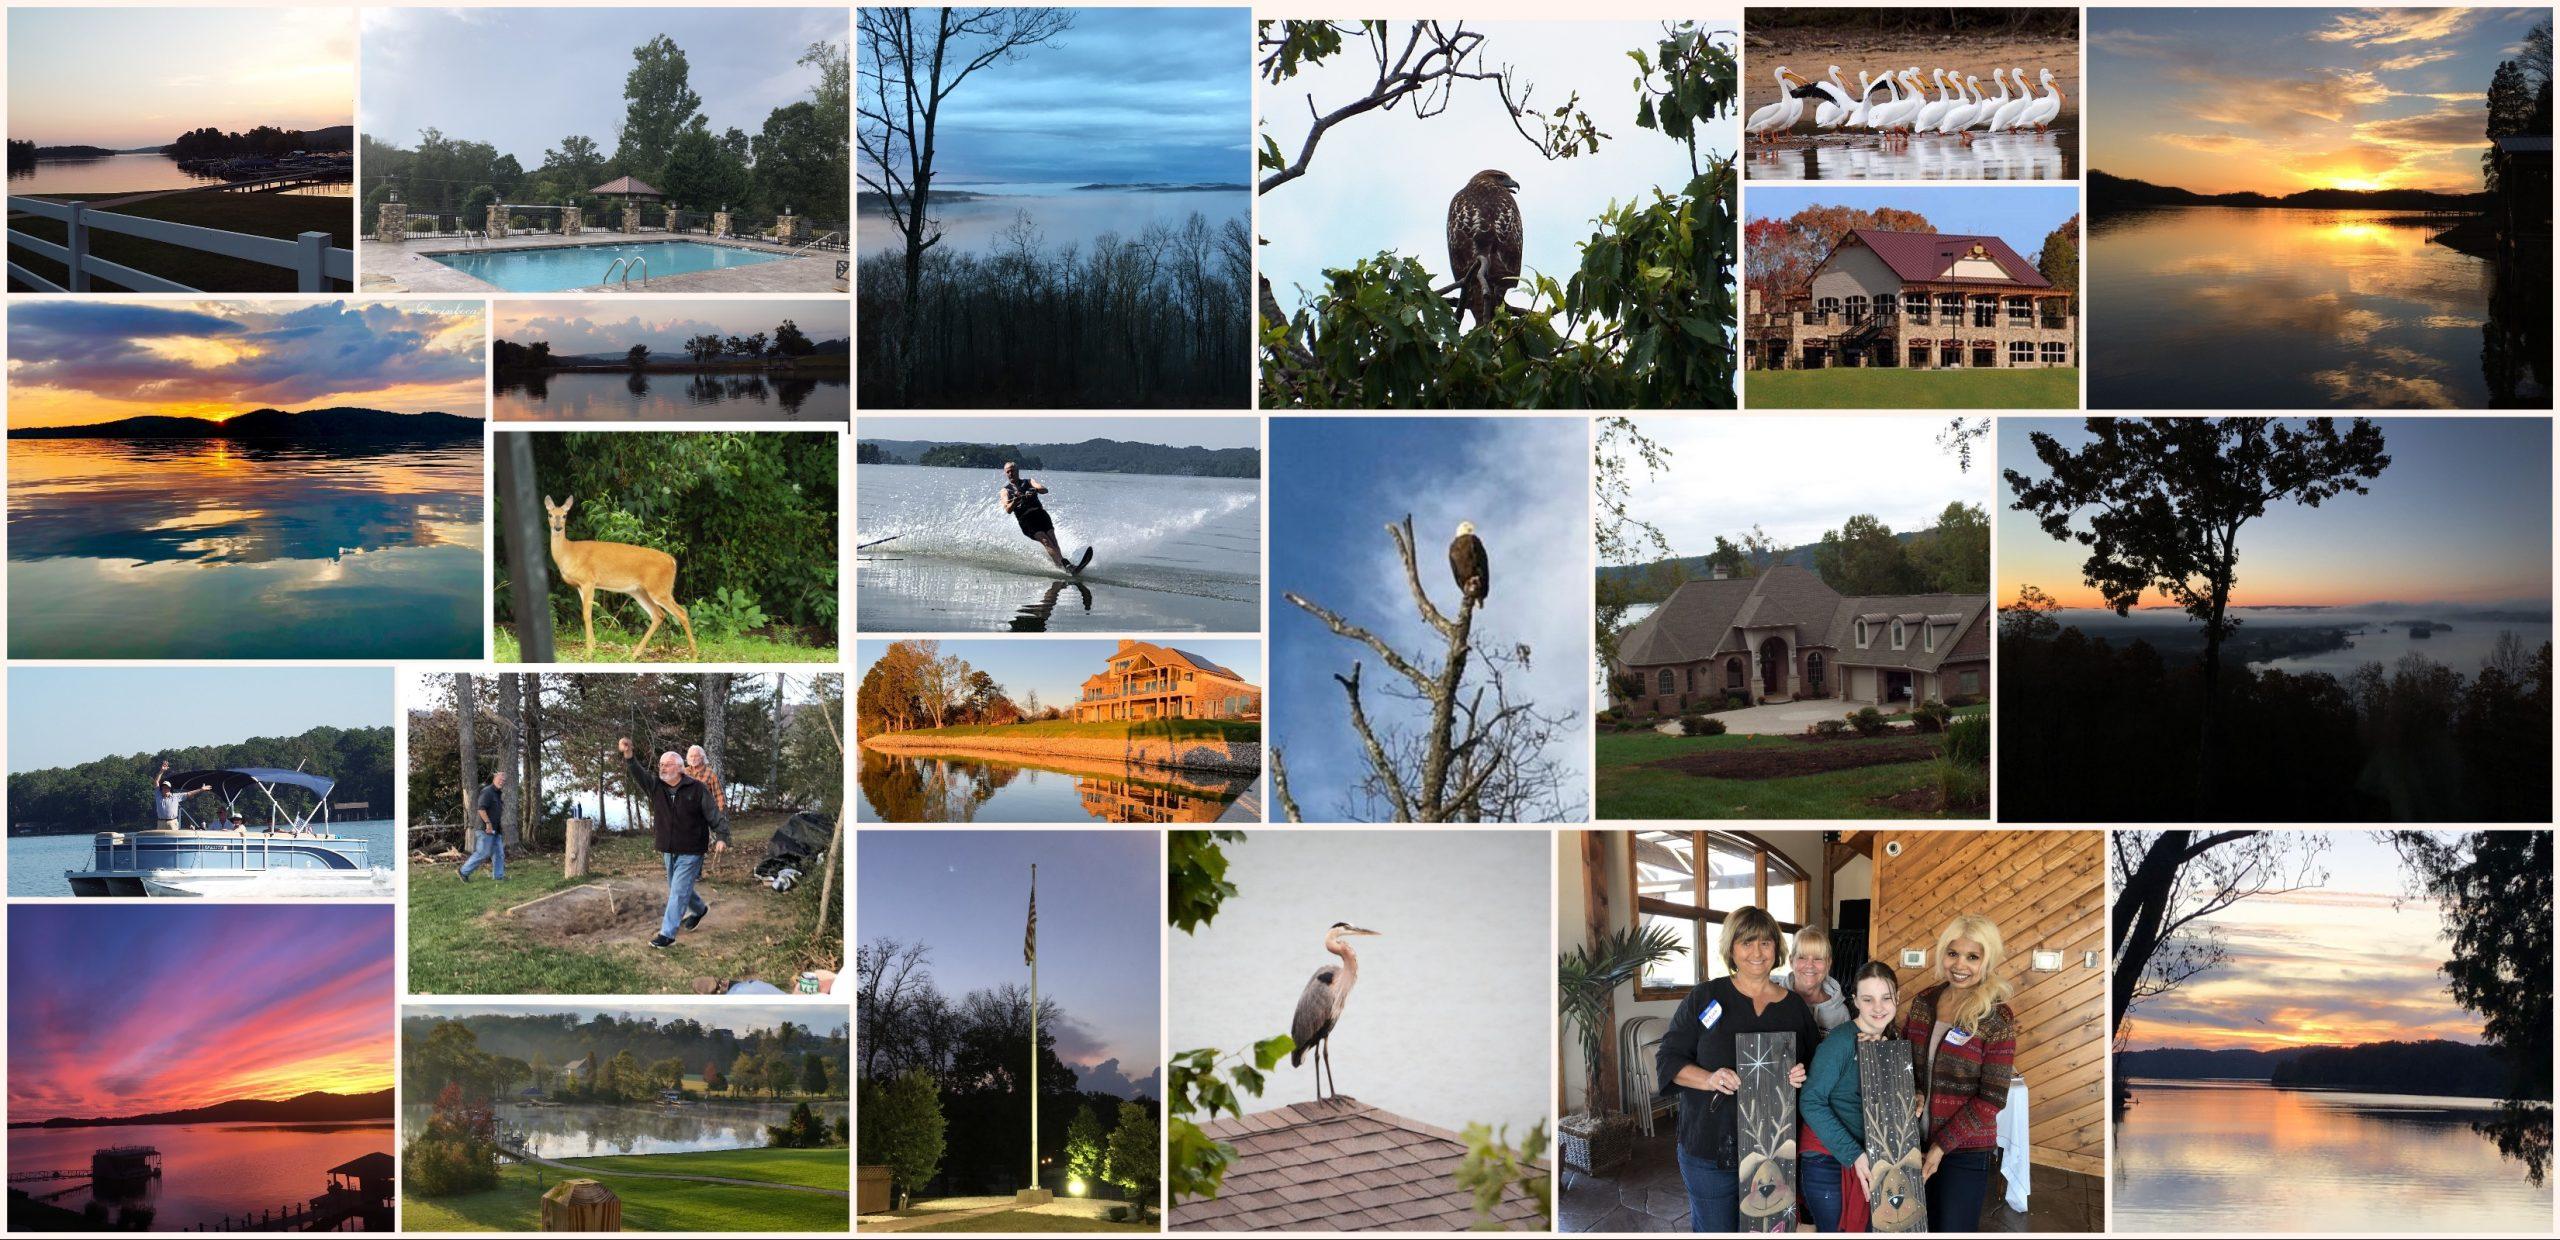 Collage of scenes at Grande Vista Bay